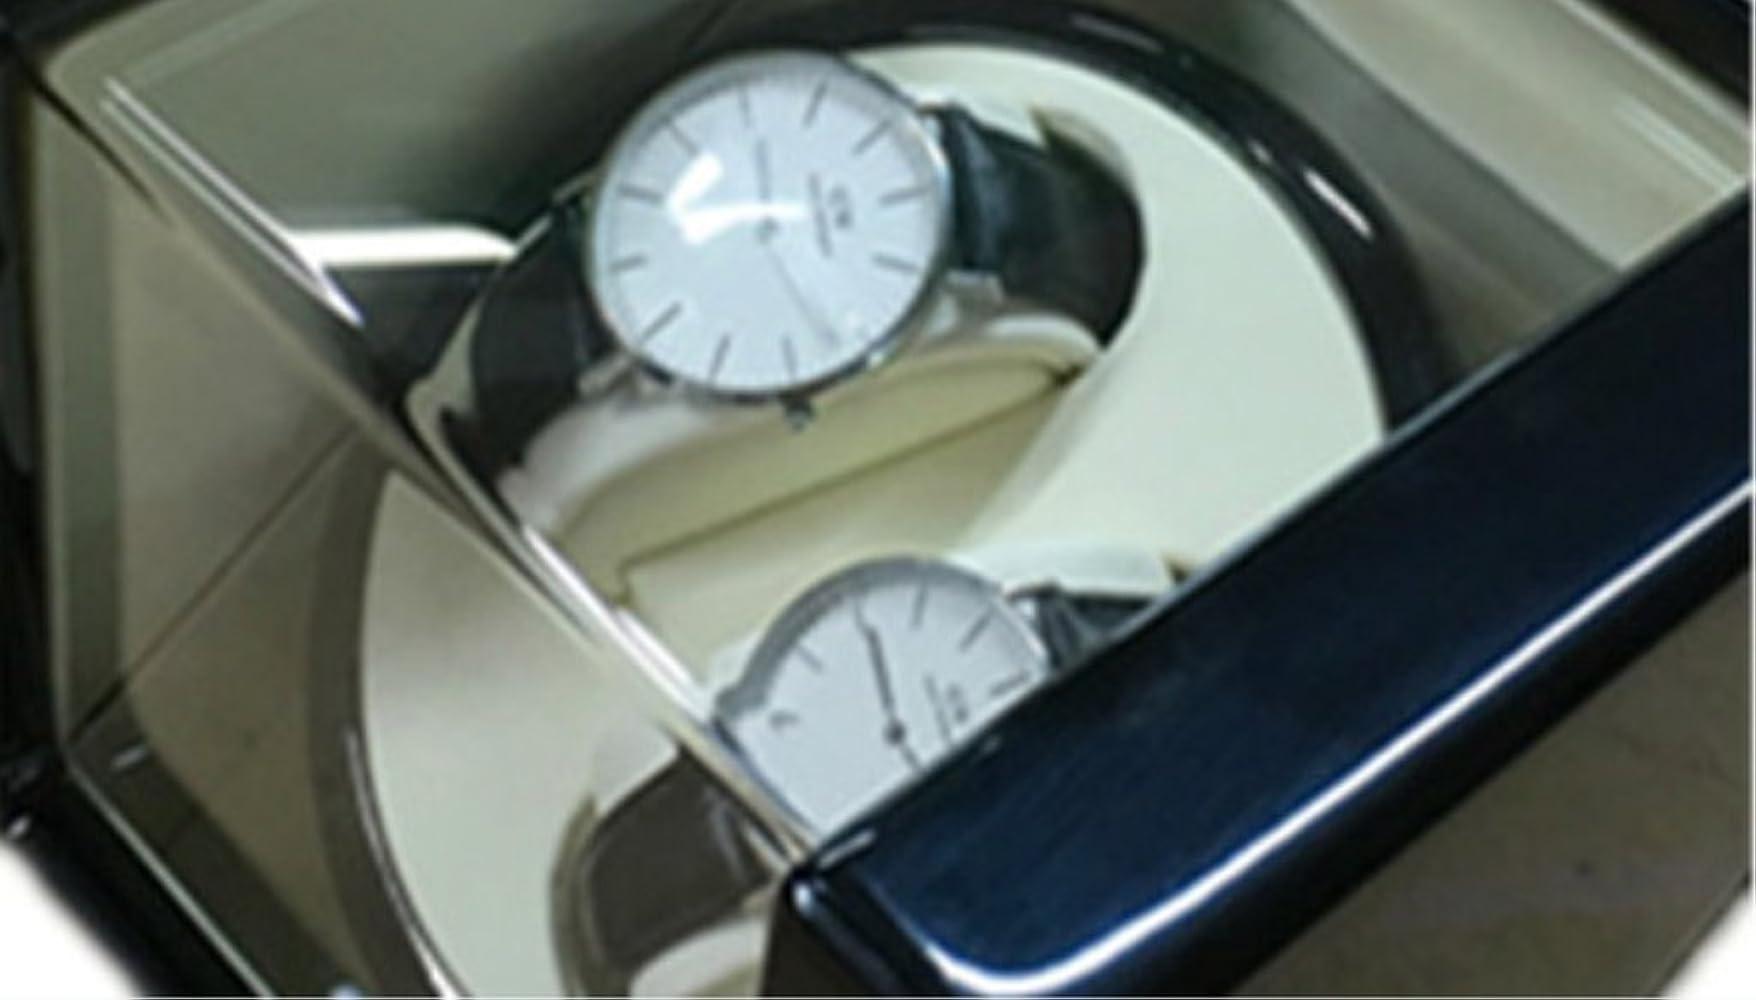 Caja Relojes Automaticos Cajas de Regalo para Reloj Winder Mesa giratoria Cajas giratorias Reloj automático Winders Cajas de Reloj Cajas Cajas de enrollamiento Cajas de presentación (Color : C): Amazon.es: Relojes